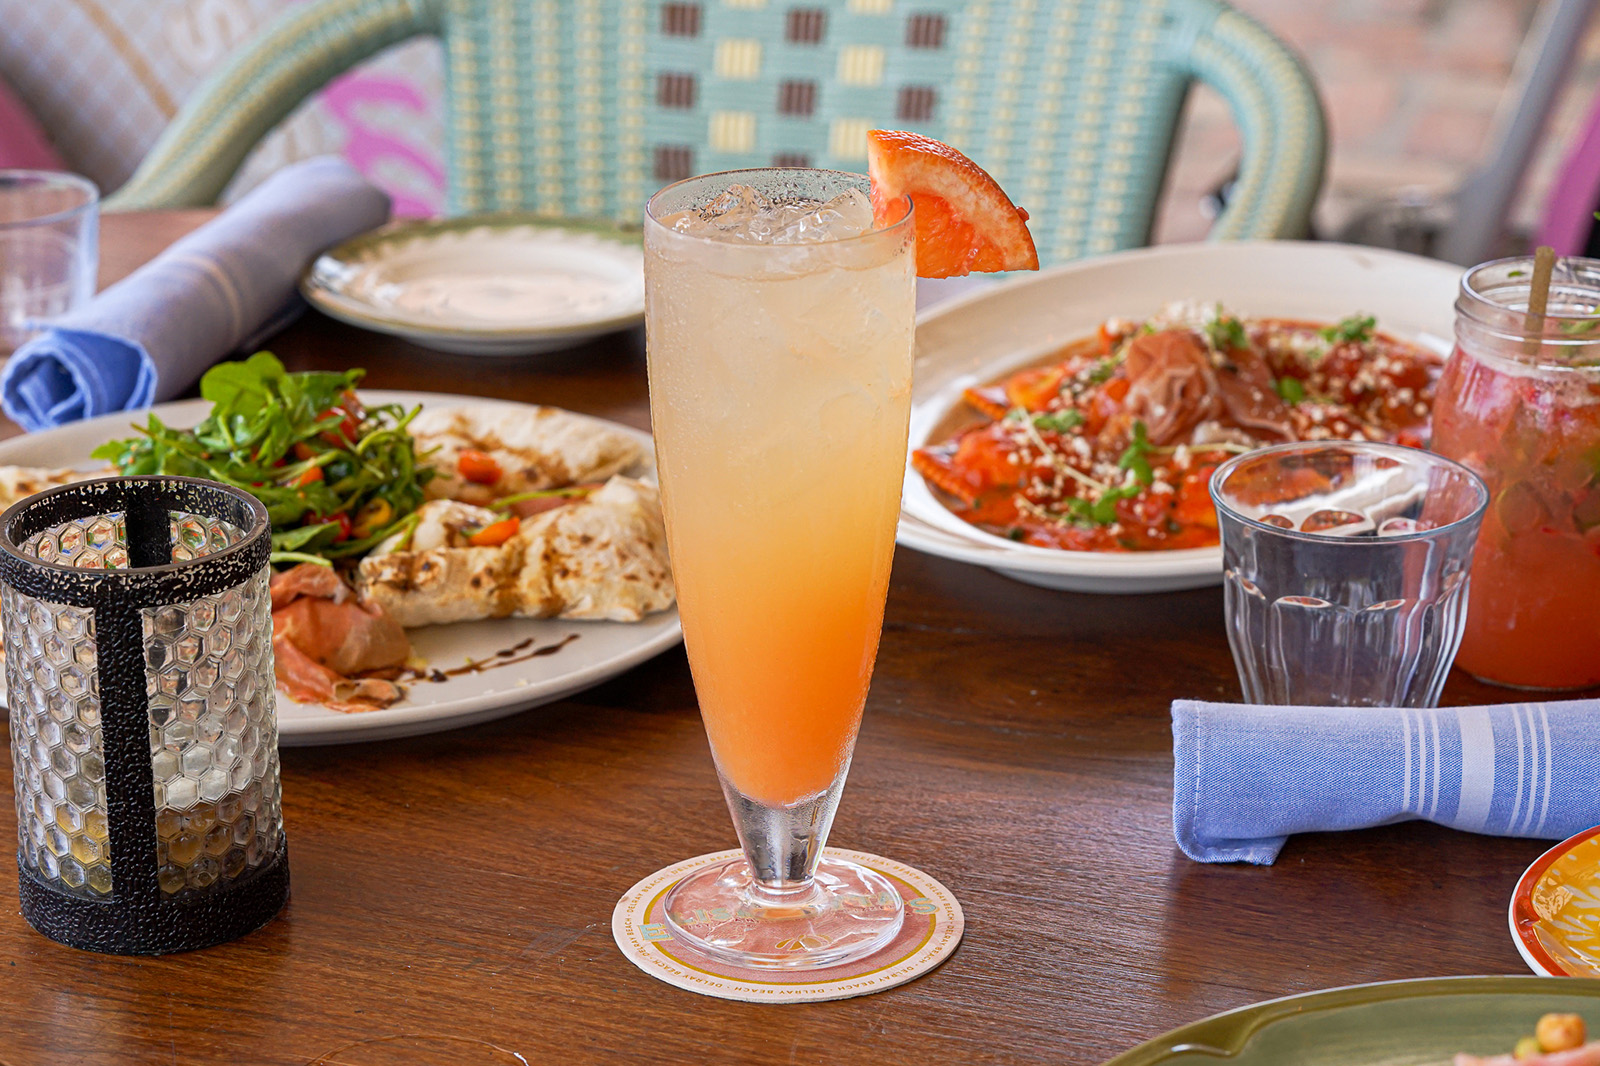 Enjoy brunch at Elisabetta's Ristorante in Delray Beach